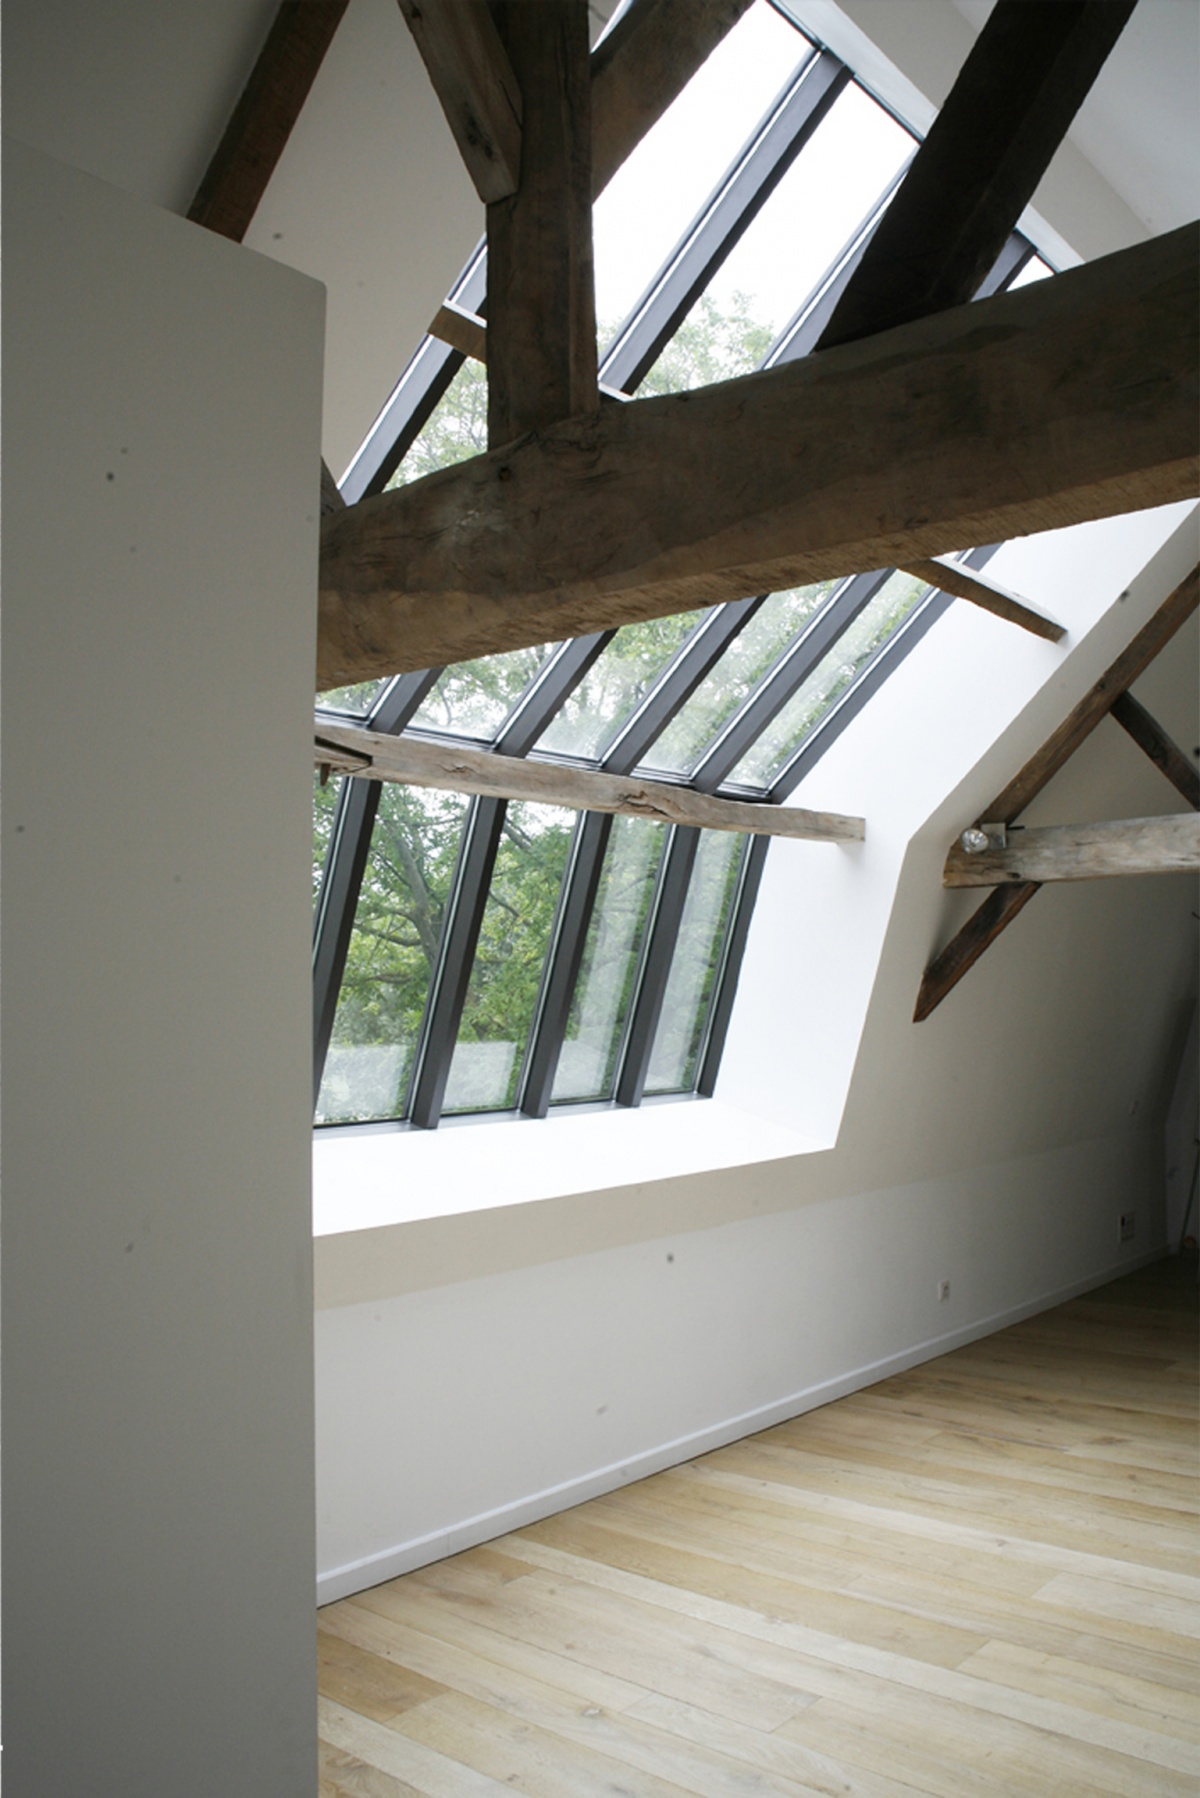 Ferme du Recueil - Auprès de Mon Arbre : Kevin Velghe Architecture - AuprésDeMonArbre - 7